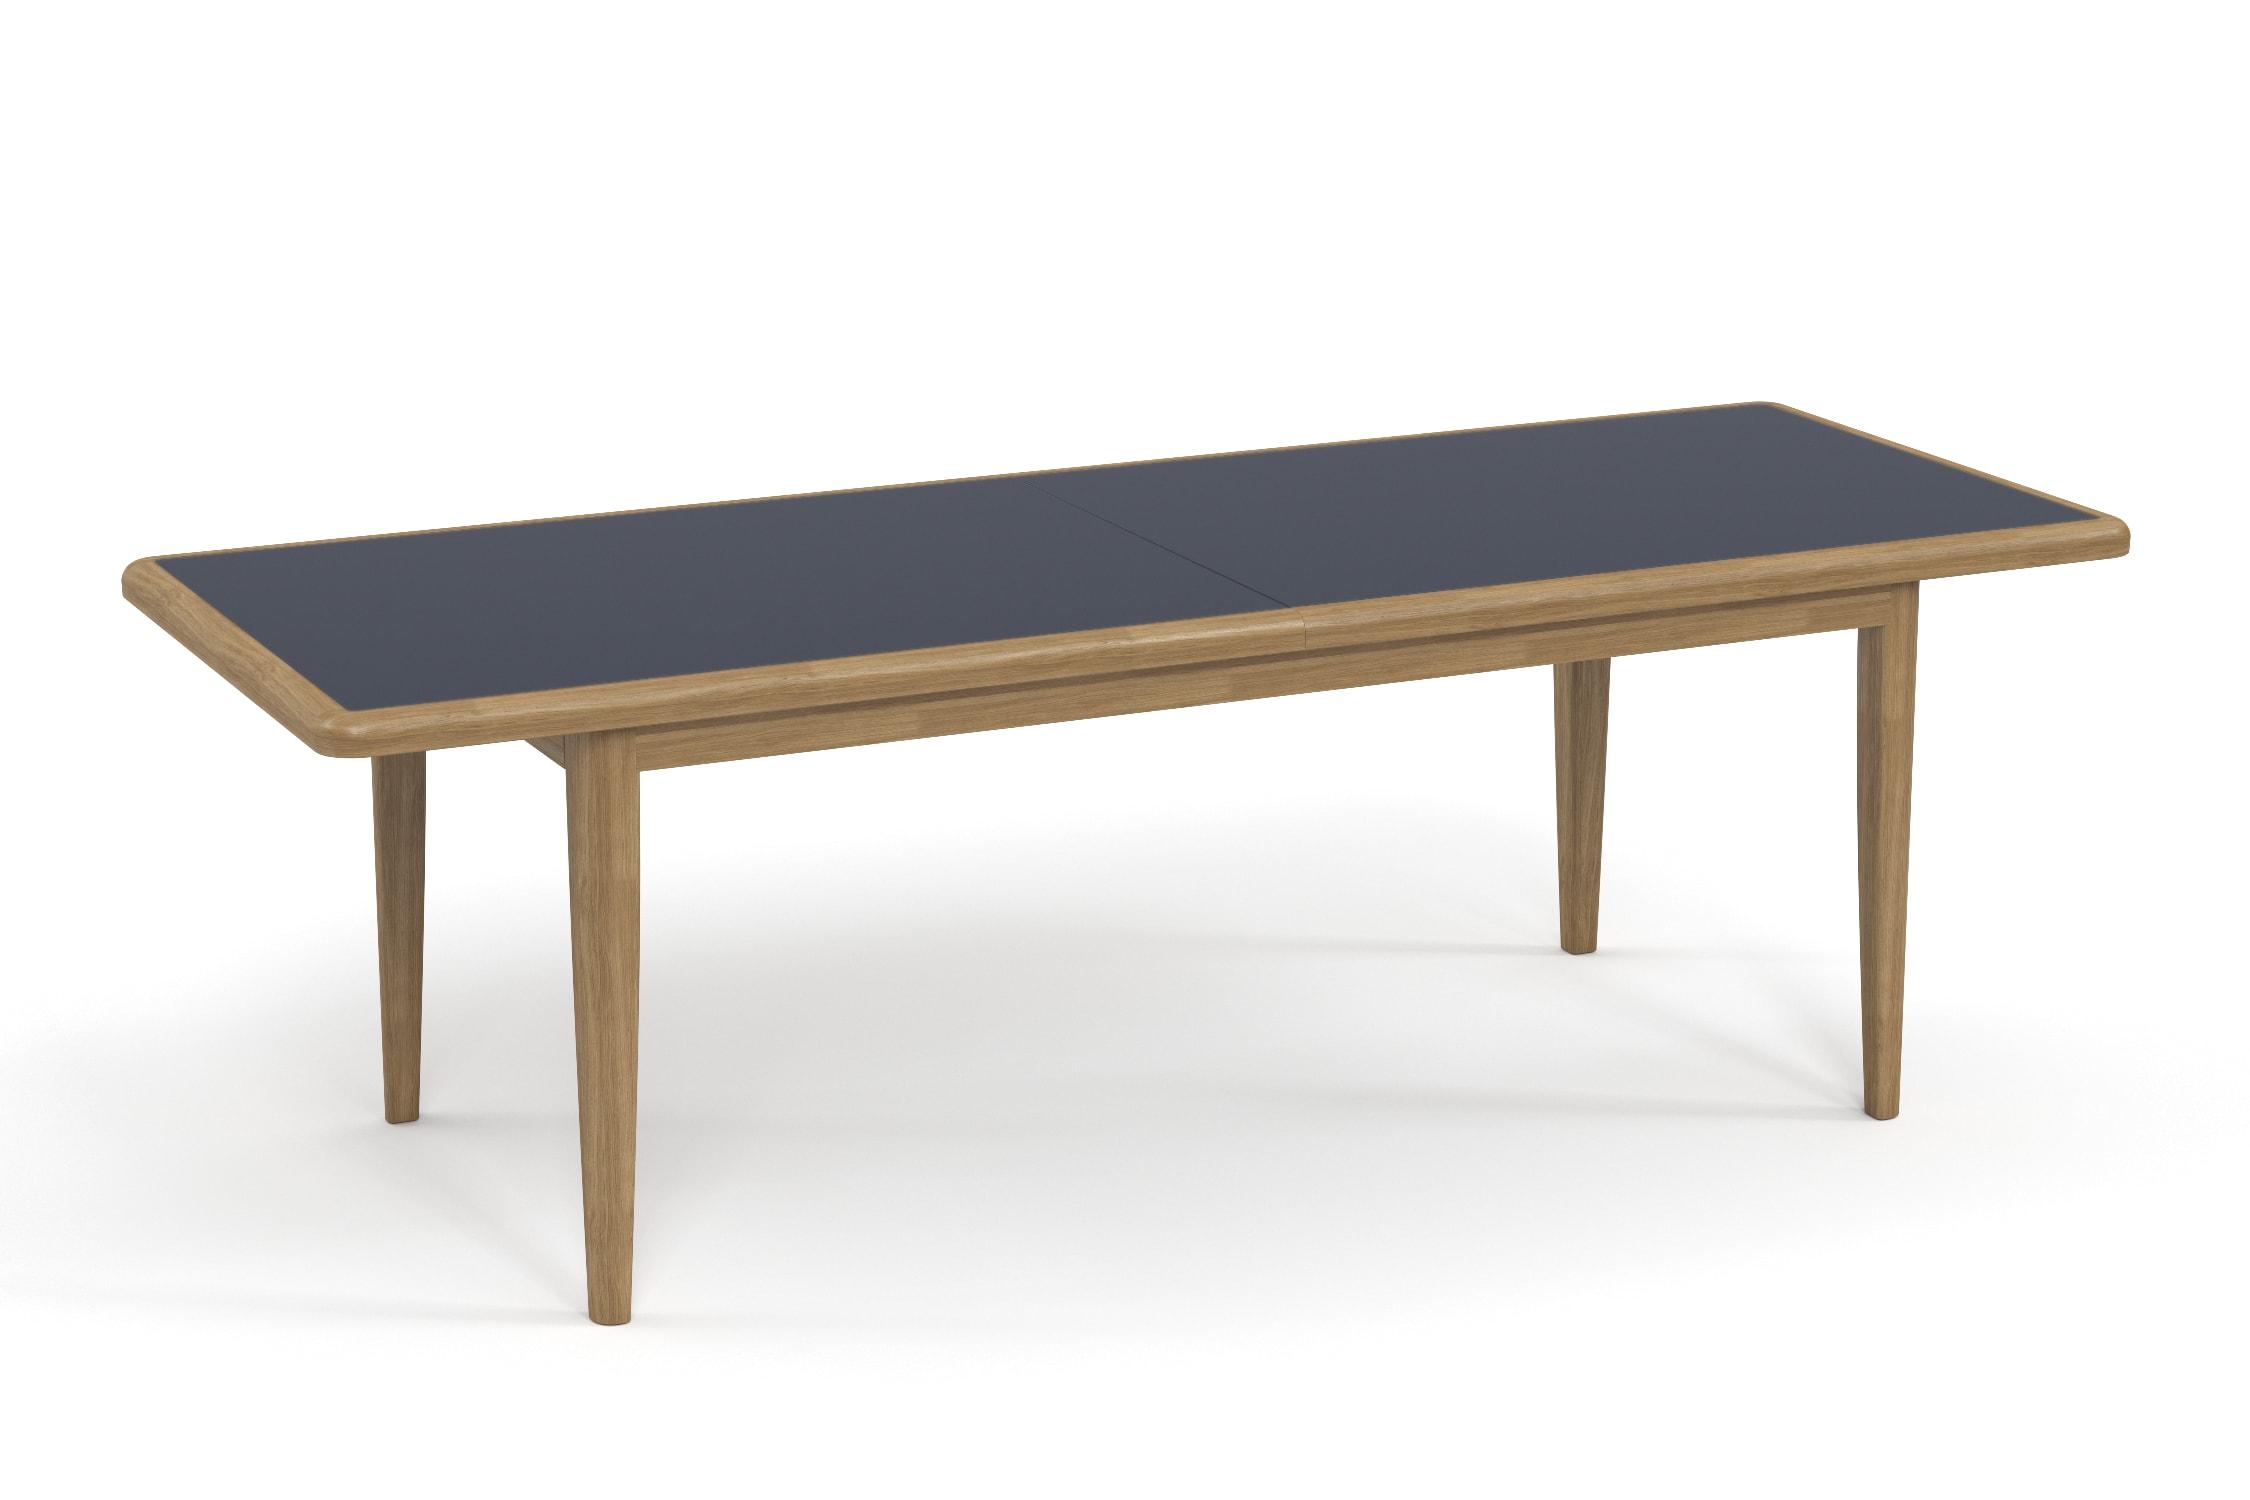 Стол обеденный SeagullСтолы и столики для сада<br><br><br>Material: Ироко<br>Ширина см: 90.0<br>Высота см: 77.0<br>Глубина см: 220.0